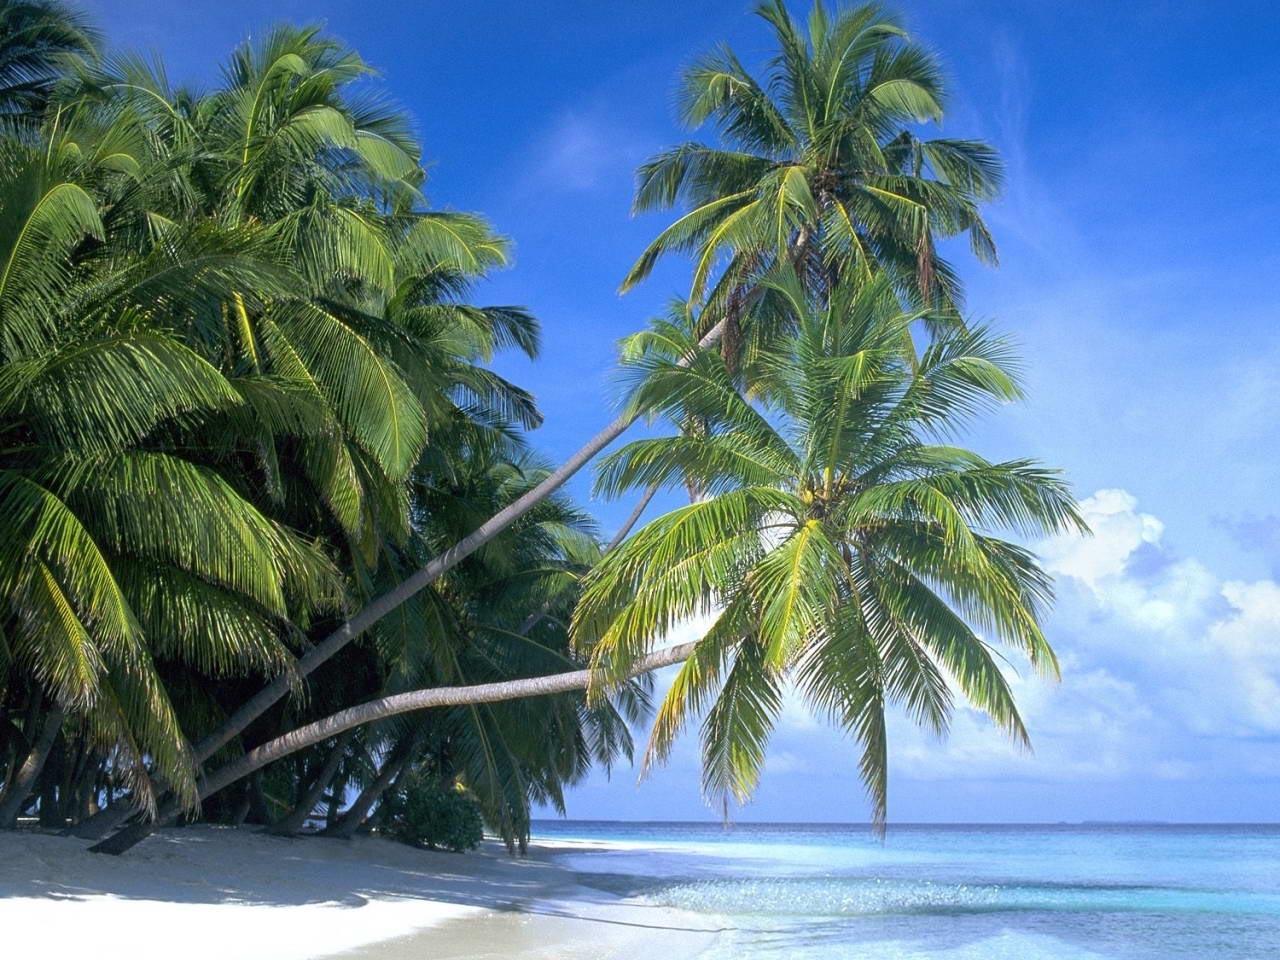 34202 descargar fondo de pantalla Playa, Palms, Paisaje: protectores de pantalla e imágenes gratis